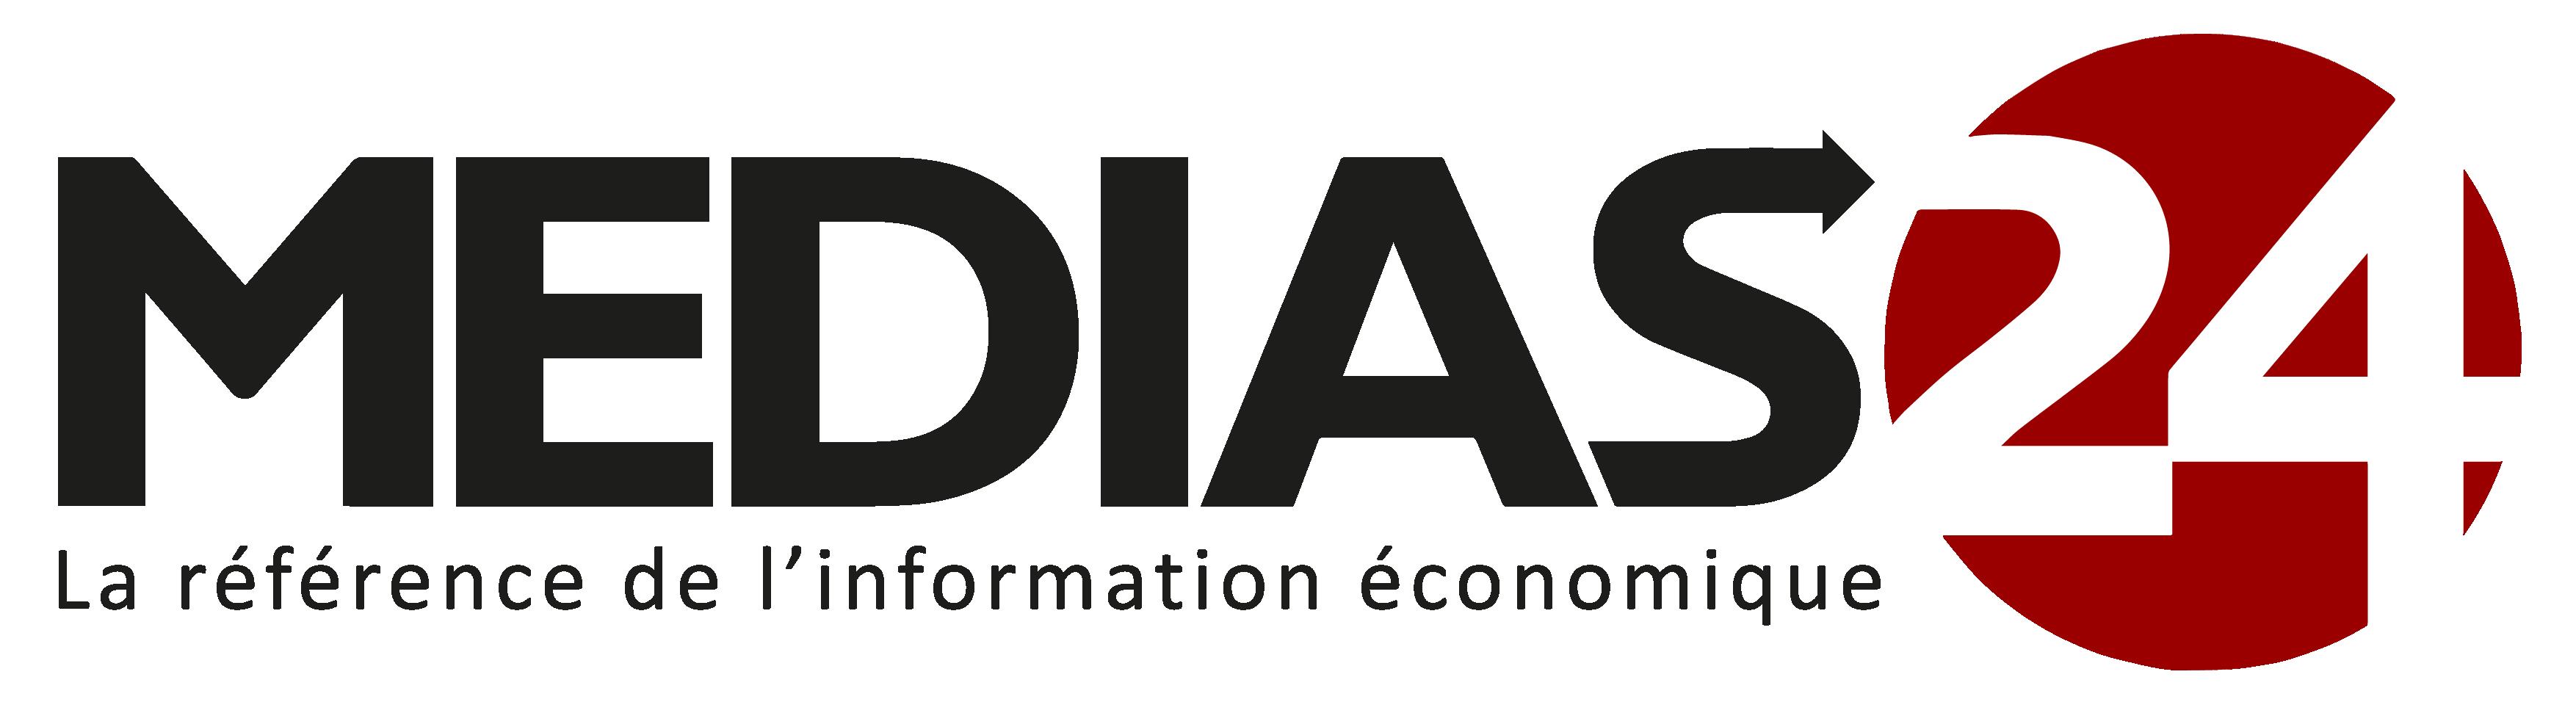 Médias24 - Journal économique marocain en ligne